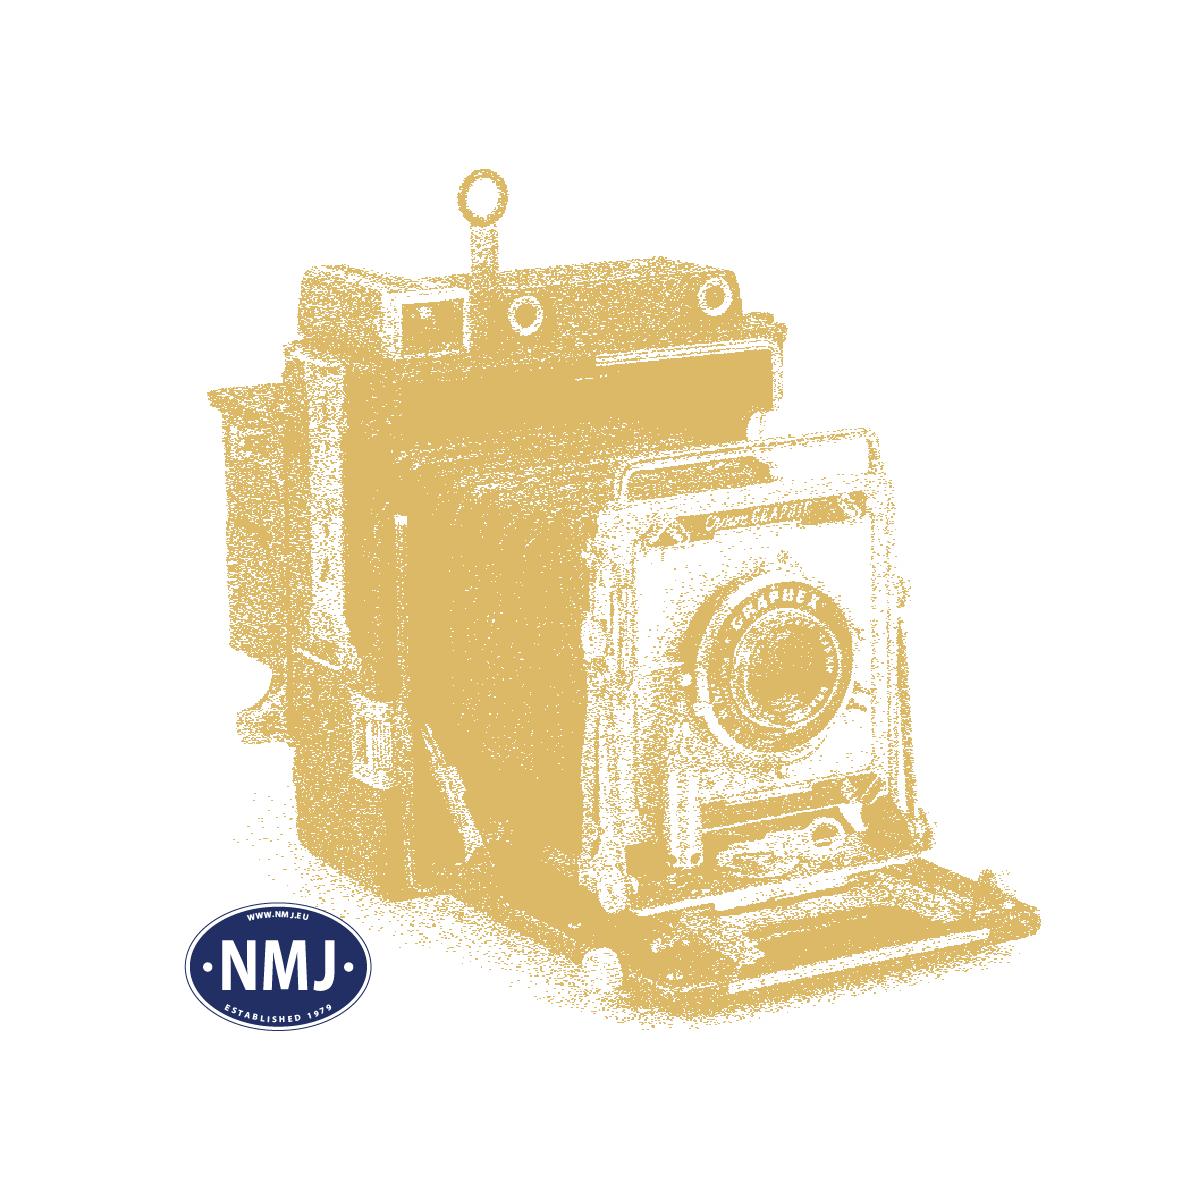 NMJT80.102 - NMJ Topline NSB EL17.2222 (V2.0), DC